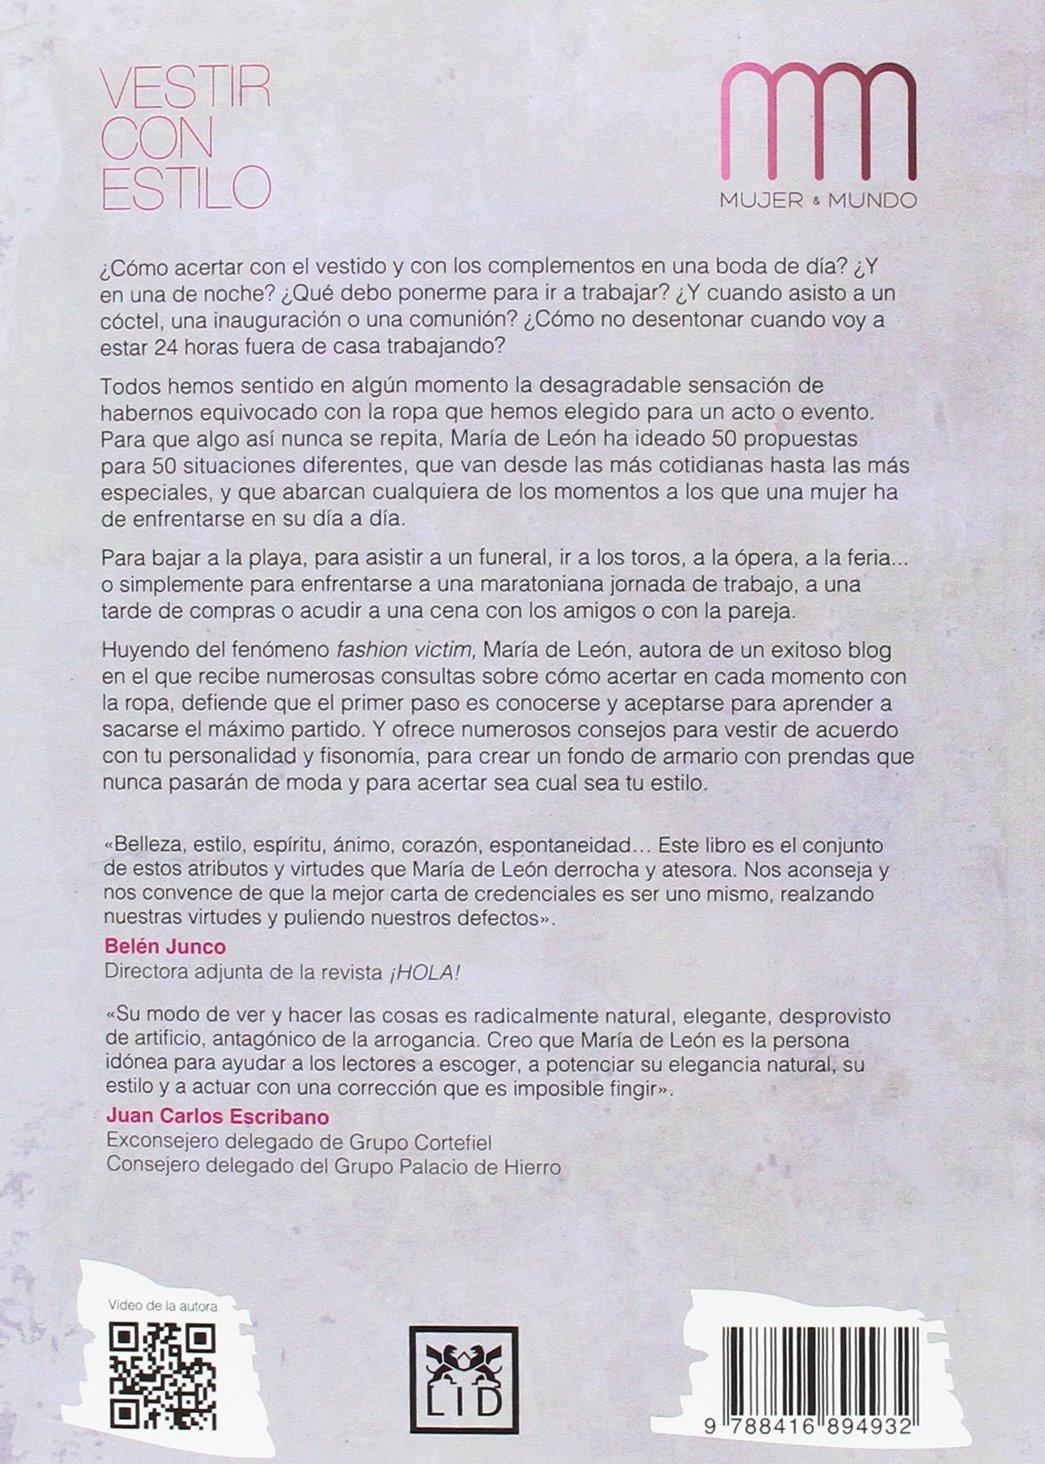 Vestir con estilo (Mujer & Mundo) (Spanish Edition): María León: 9788416894932: Amazon.com: Books